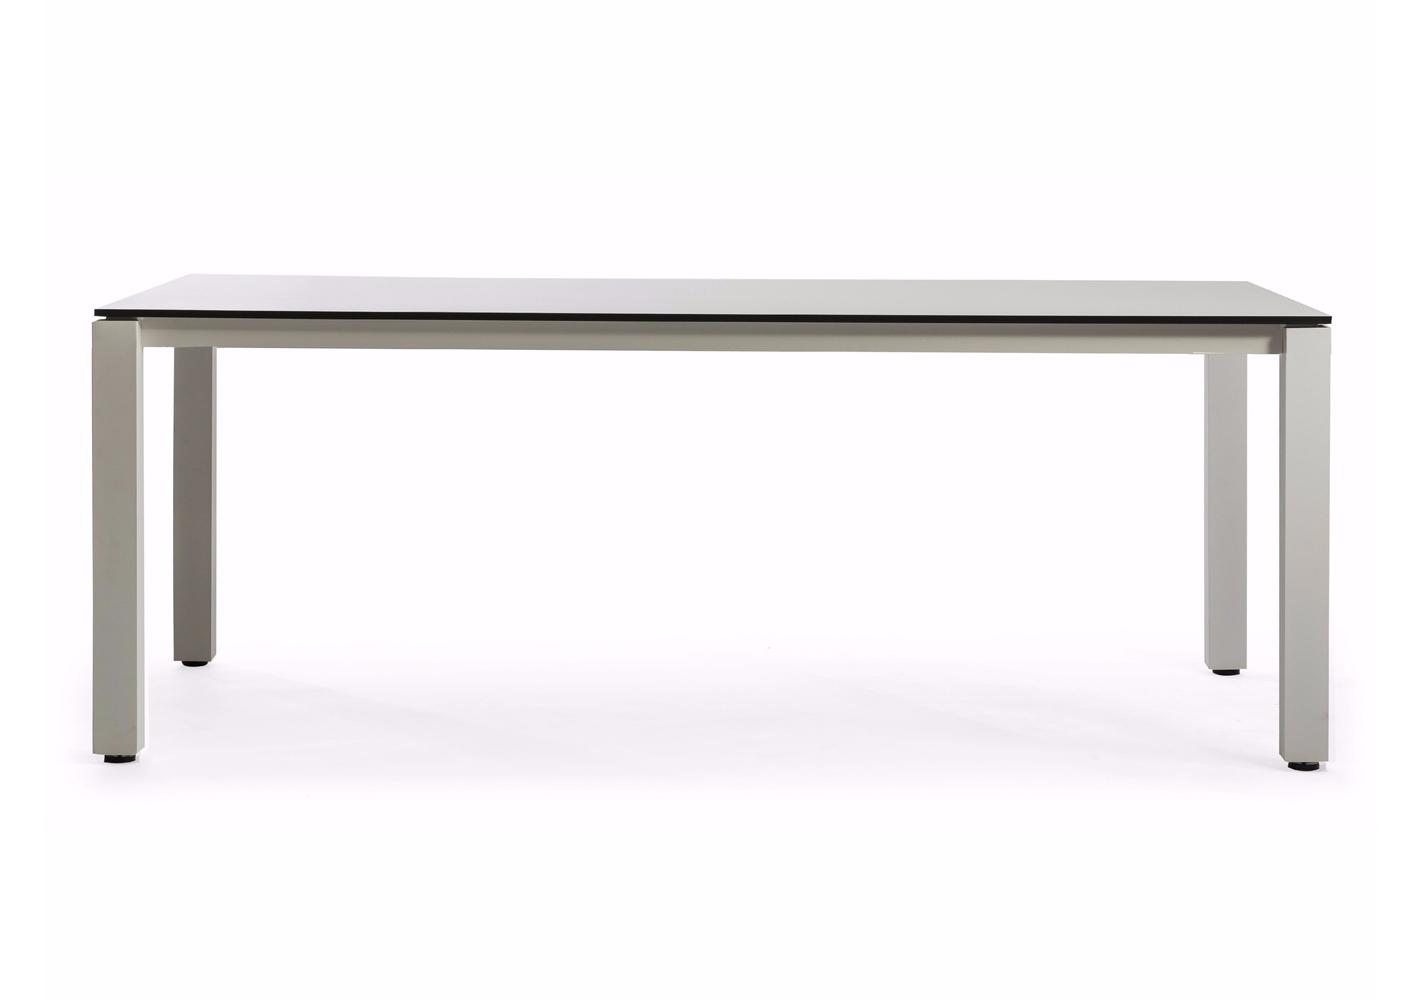 Table Machar 200x100 cadre blanc et plateau ceramique blanc - OASIQ